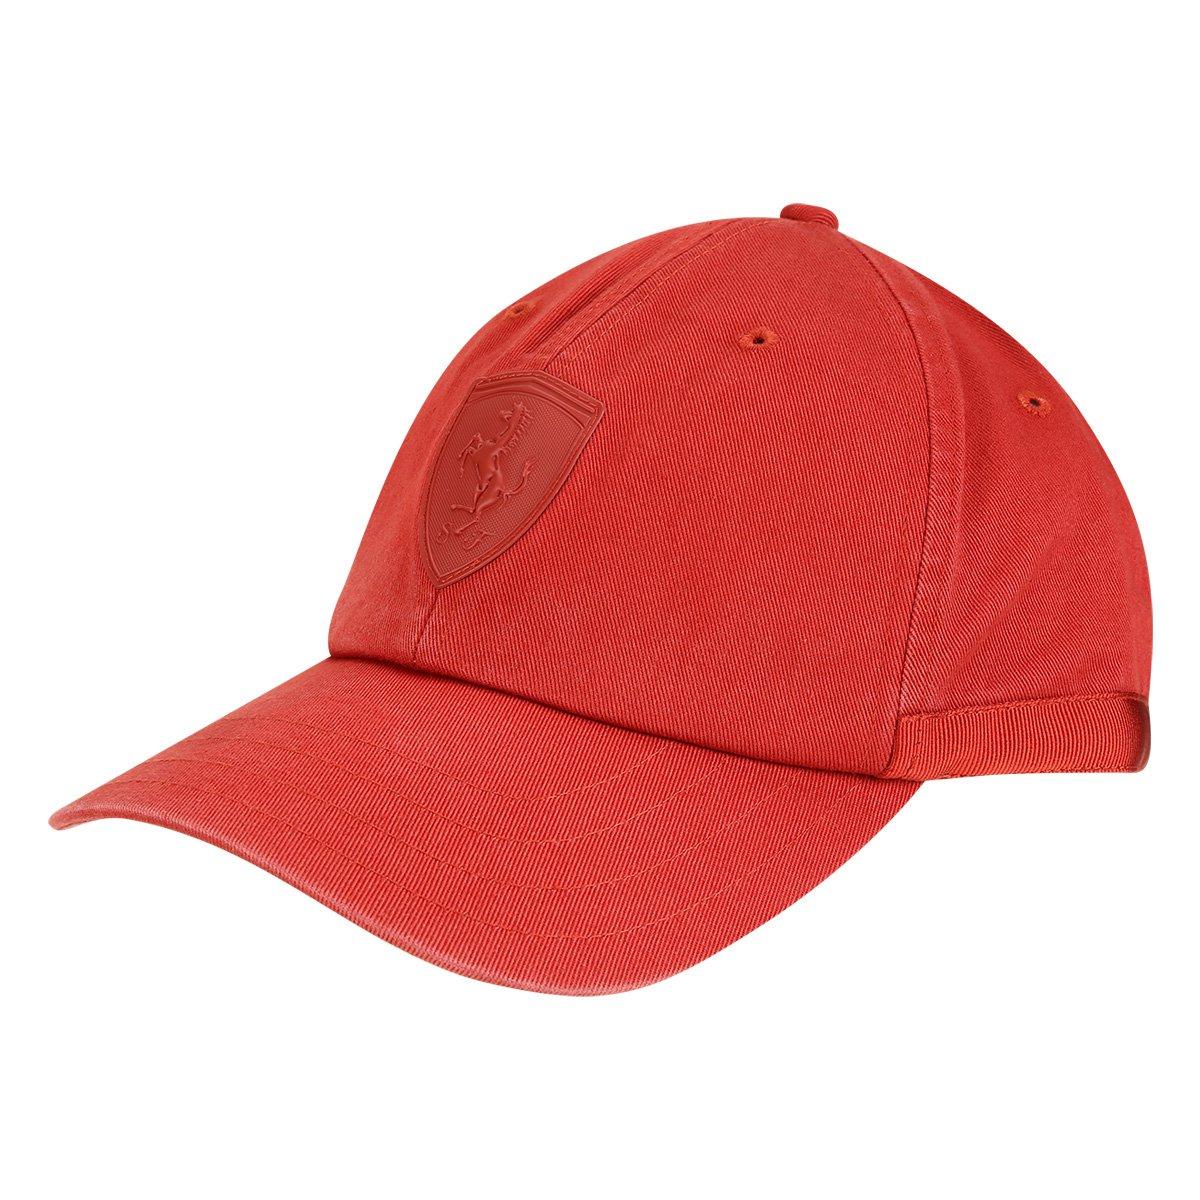 40c62915449bc Boné Puma Aba Curva Scuderia Ferrari LS Baseball - Vermelho - Compre Agora